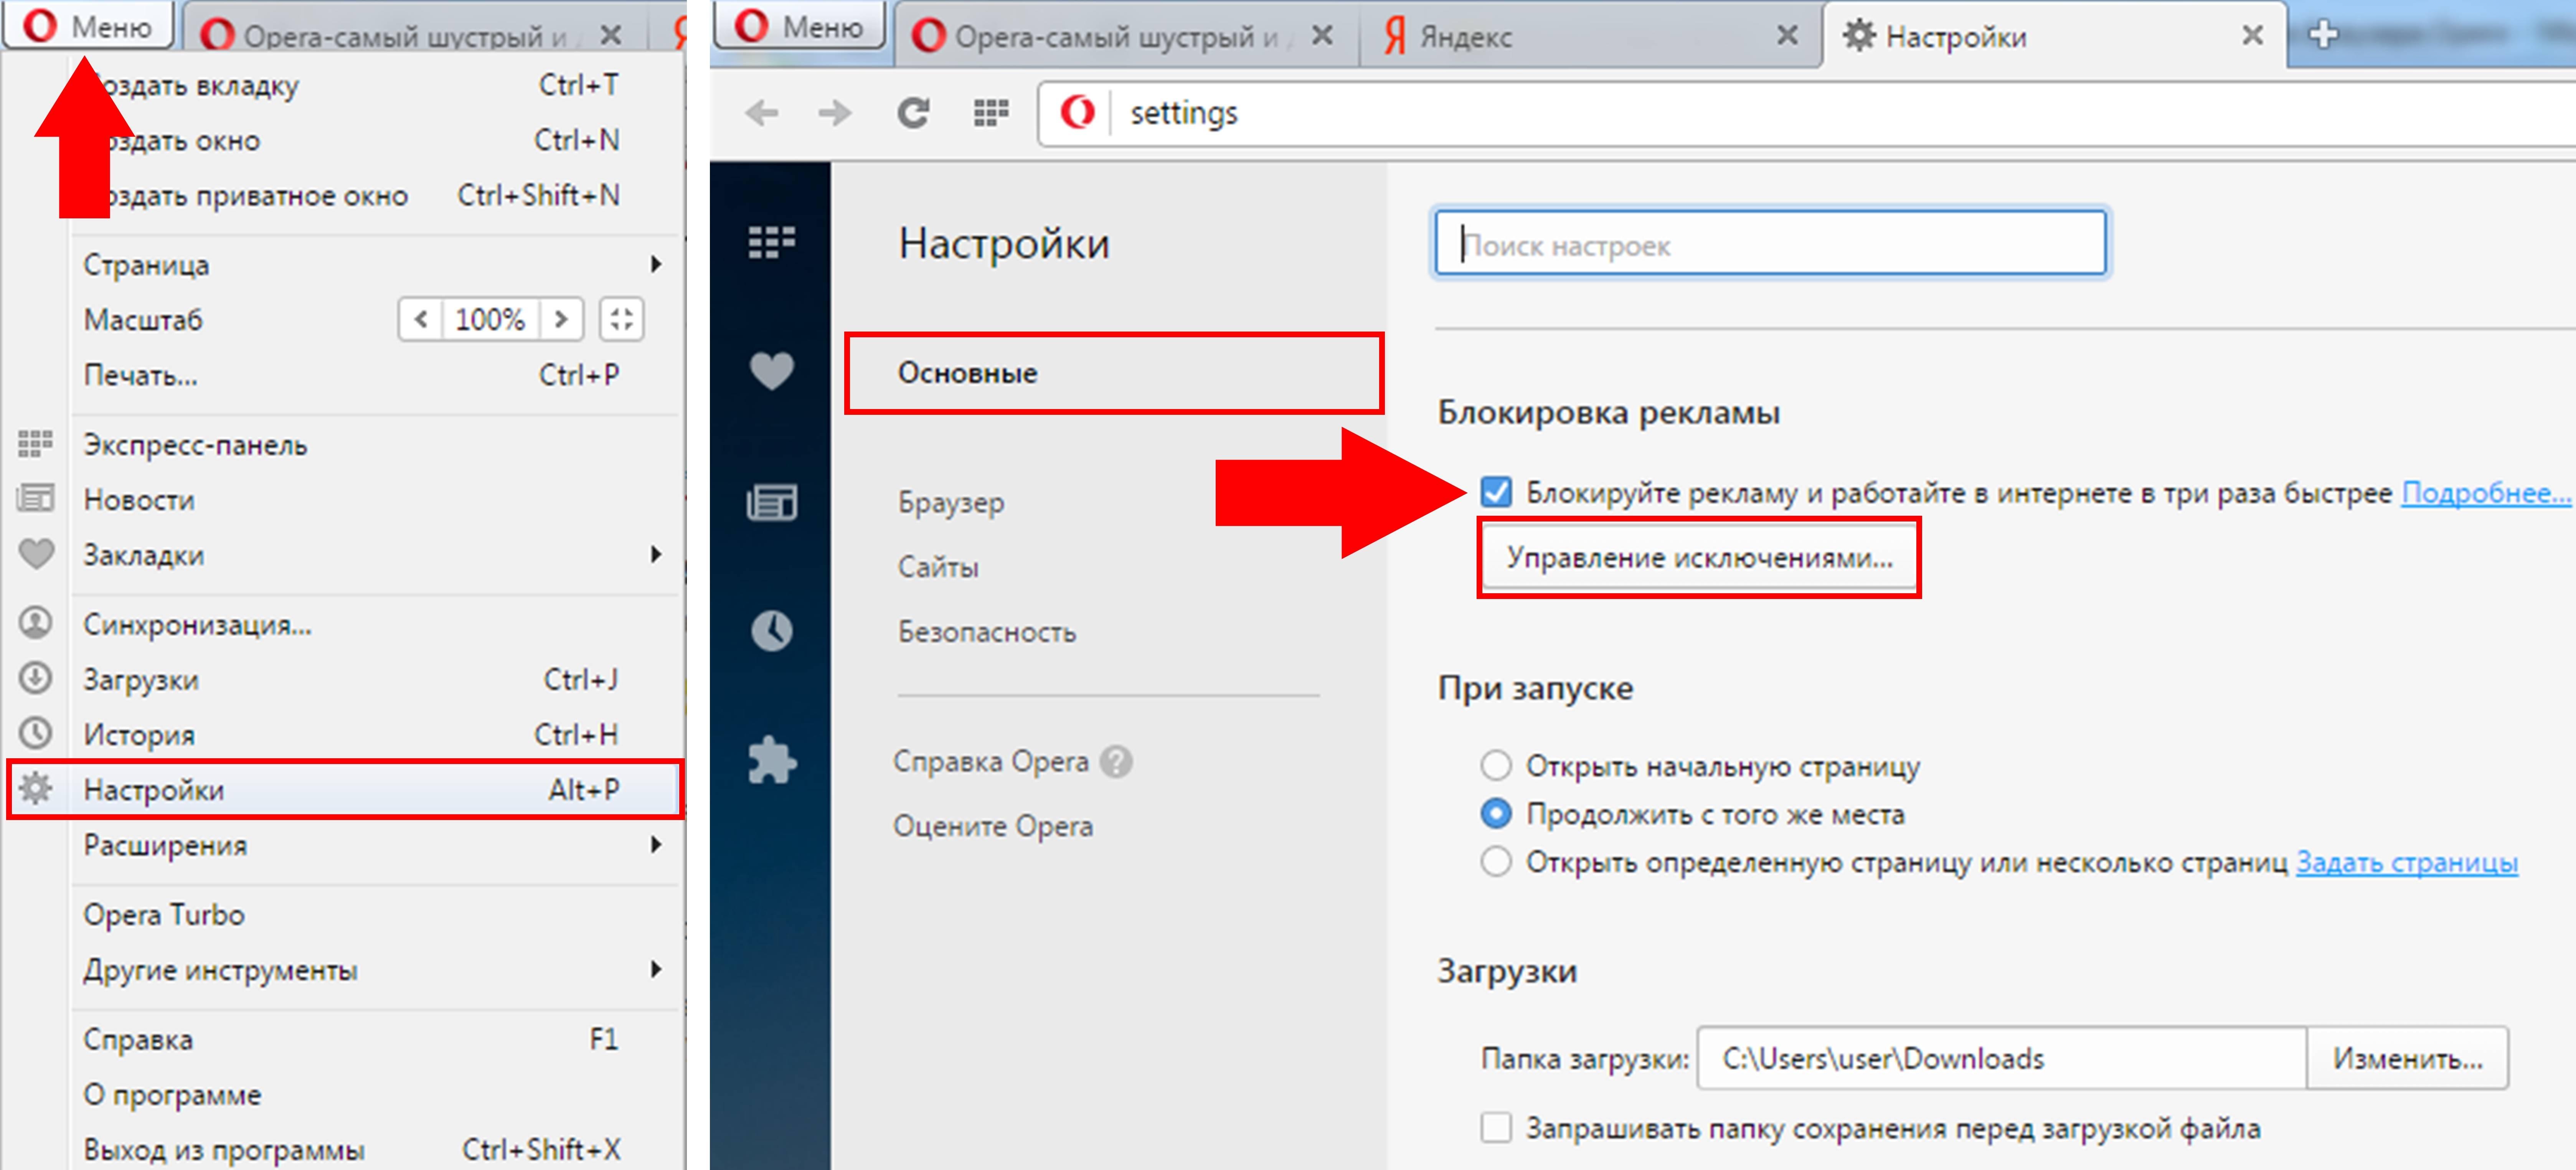 kak-okluchit-adblock-v-browser-opera-2.jpg